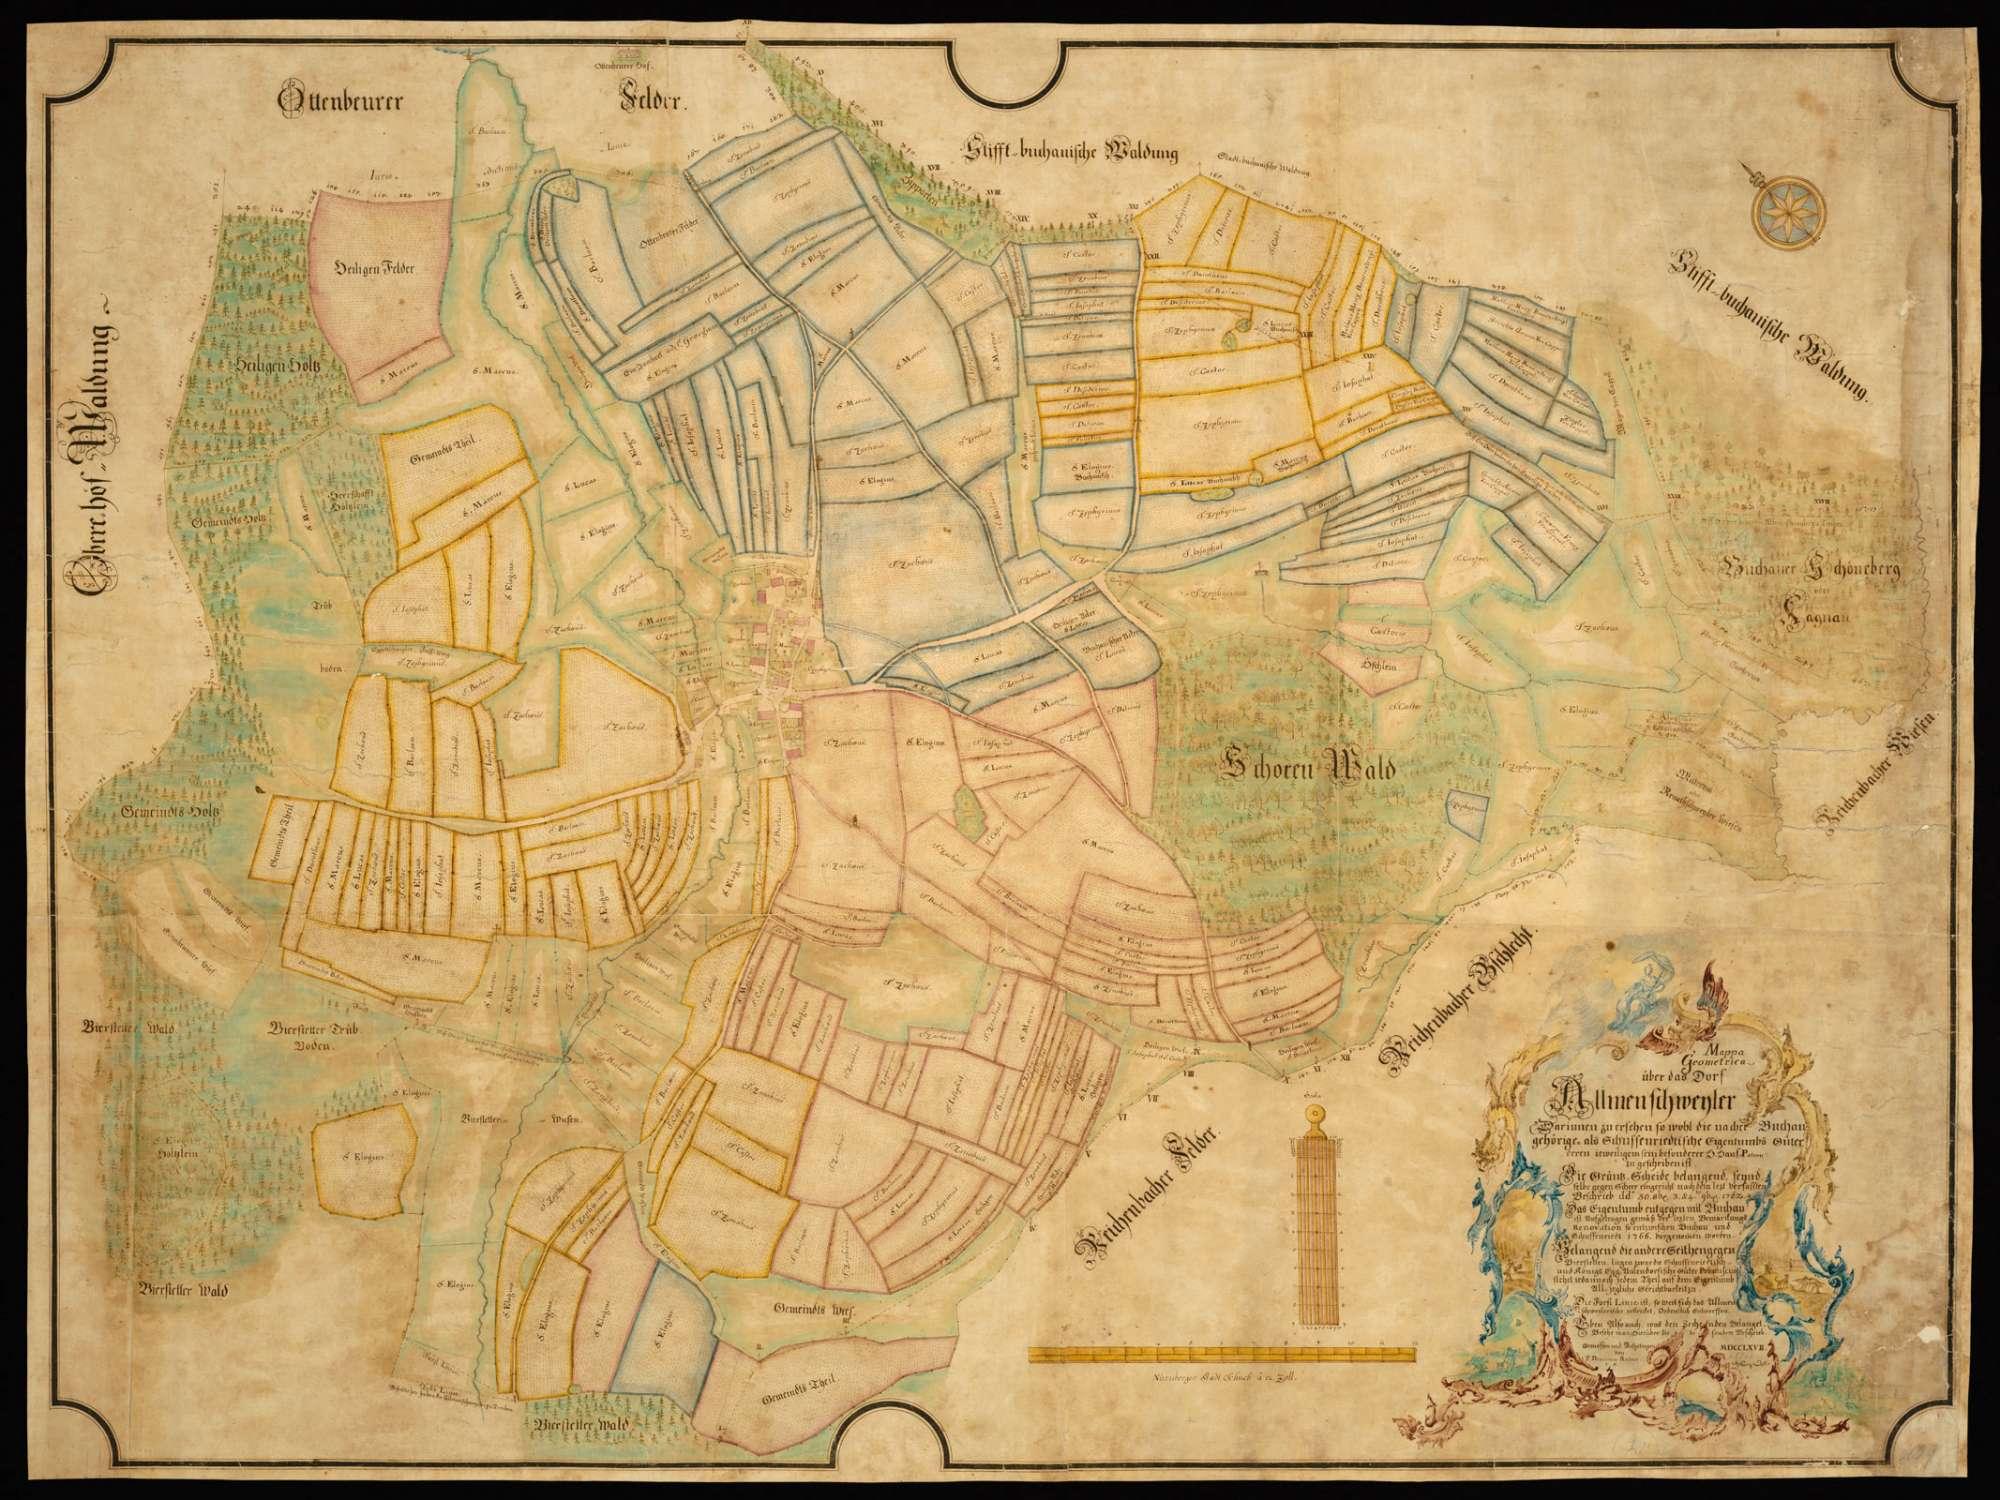 """Allmannsweiler """"Mappa Geometrica über das Dorf Allmenschweyler, darinnen zu ersehen, so wohl die nachher Buchau gehörige als Schussenriedtische Eigentumbs Güter, deren jeweiligem sein besonderer H. Haus-patron zugeschriben ist..."""", Bild 2"""